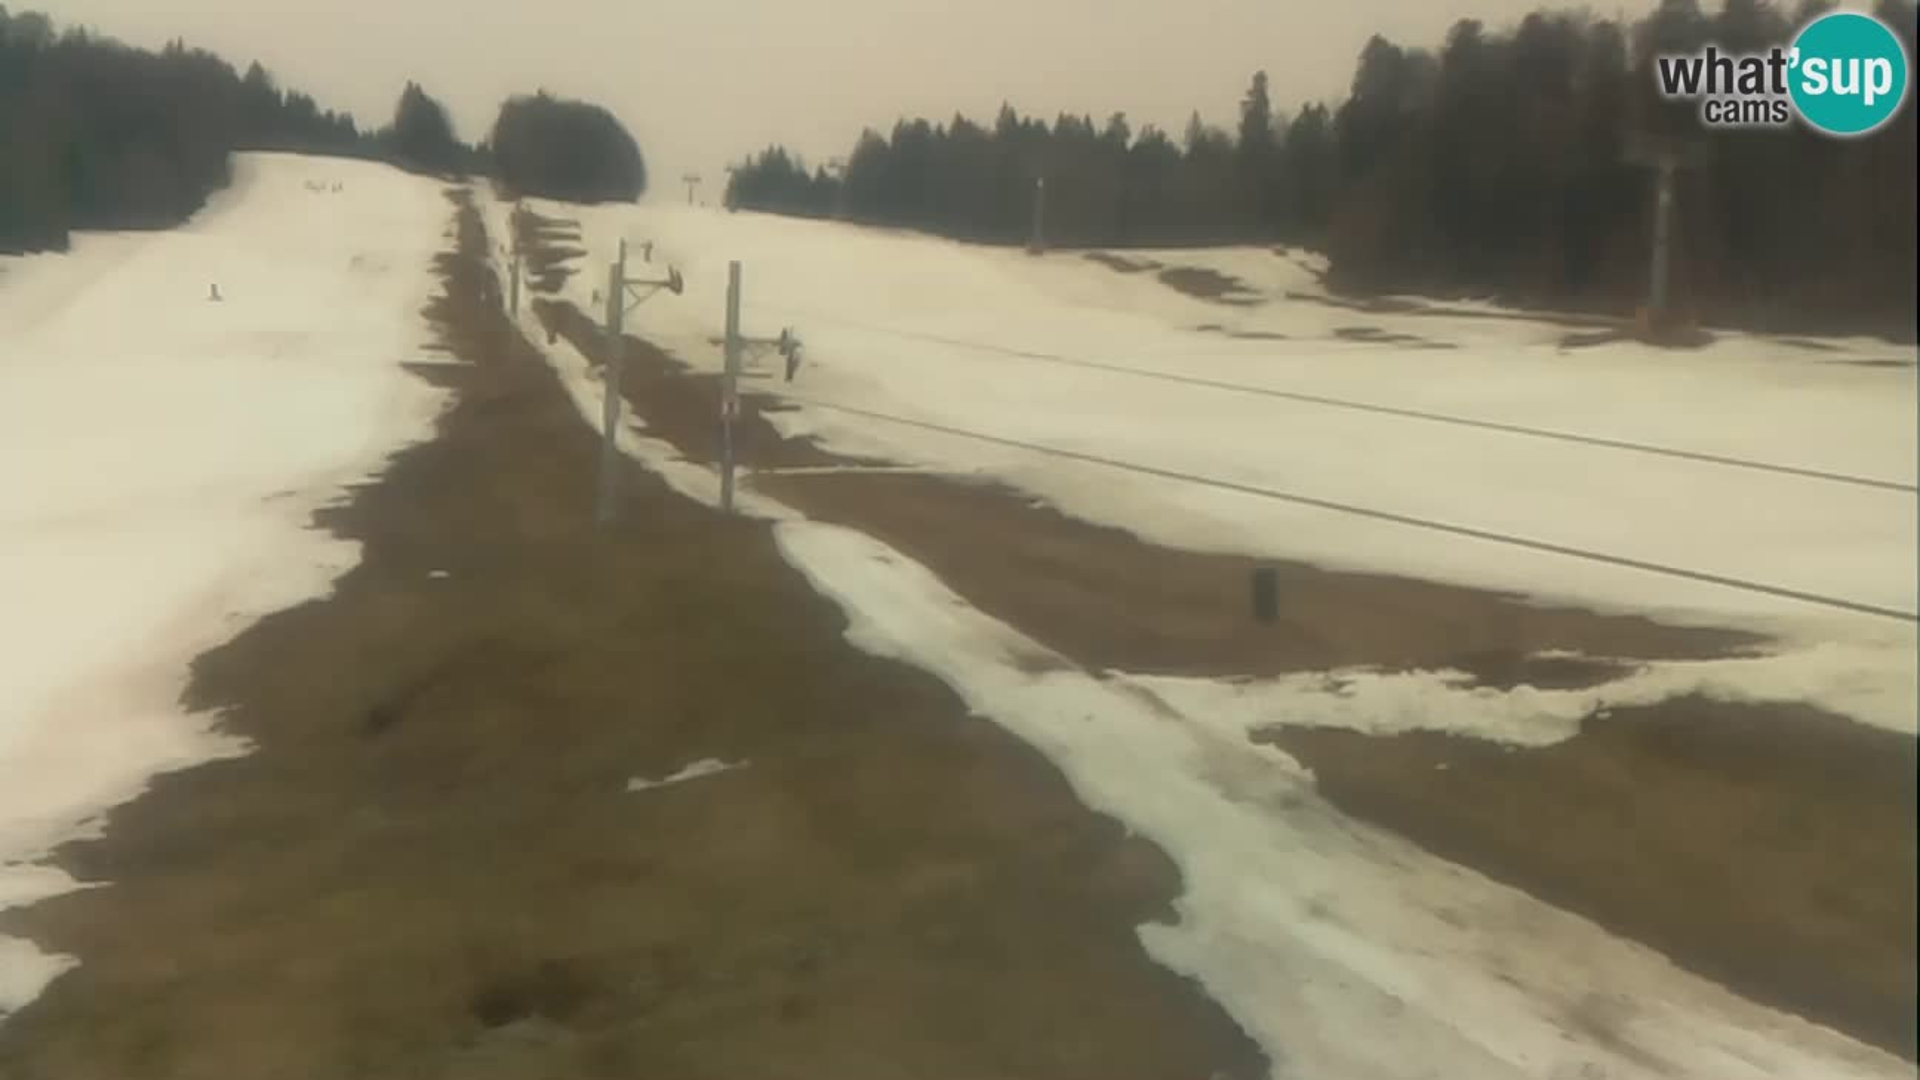 Stazione sciistica Maribor Pohorje – Cojzerica